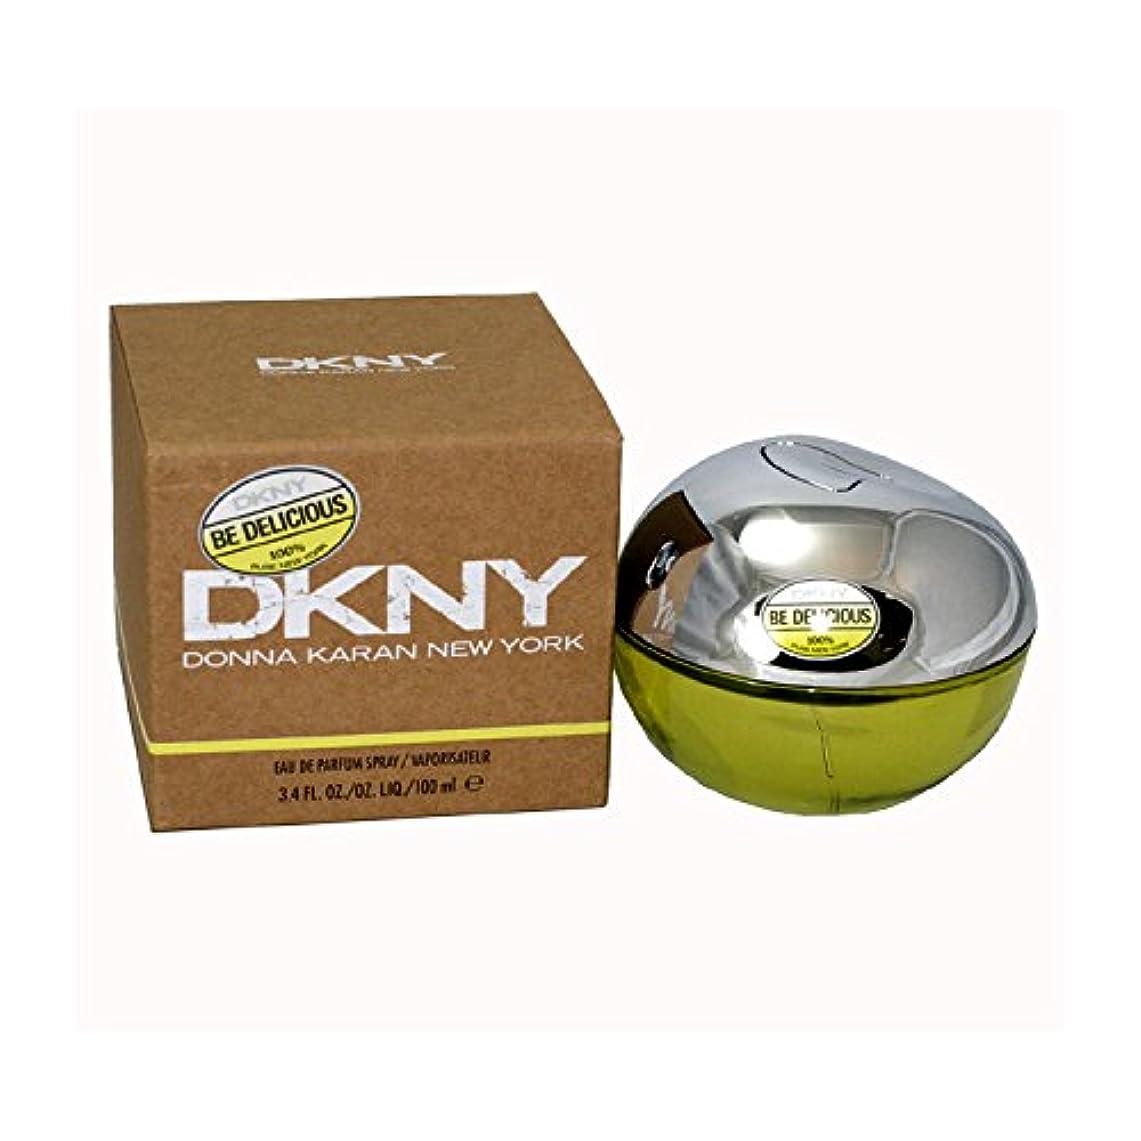 肘聡明北ダナキャラン DKNYビーデリシャス オードパルファン スプレー 100ml (女性用)